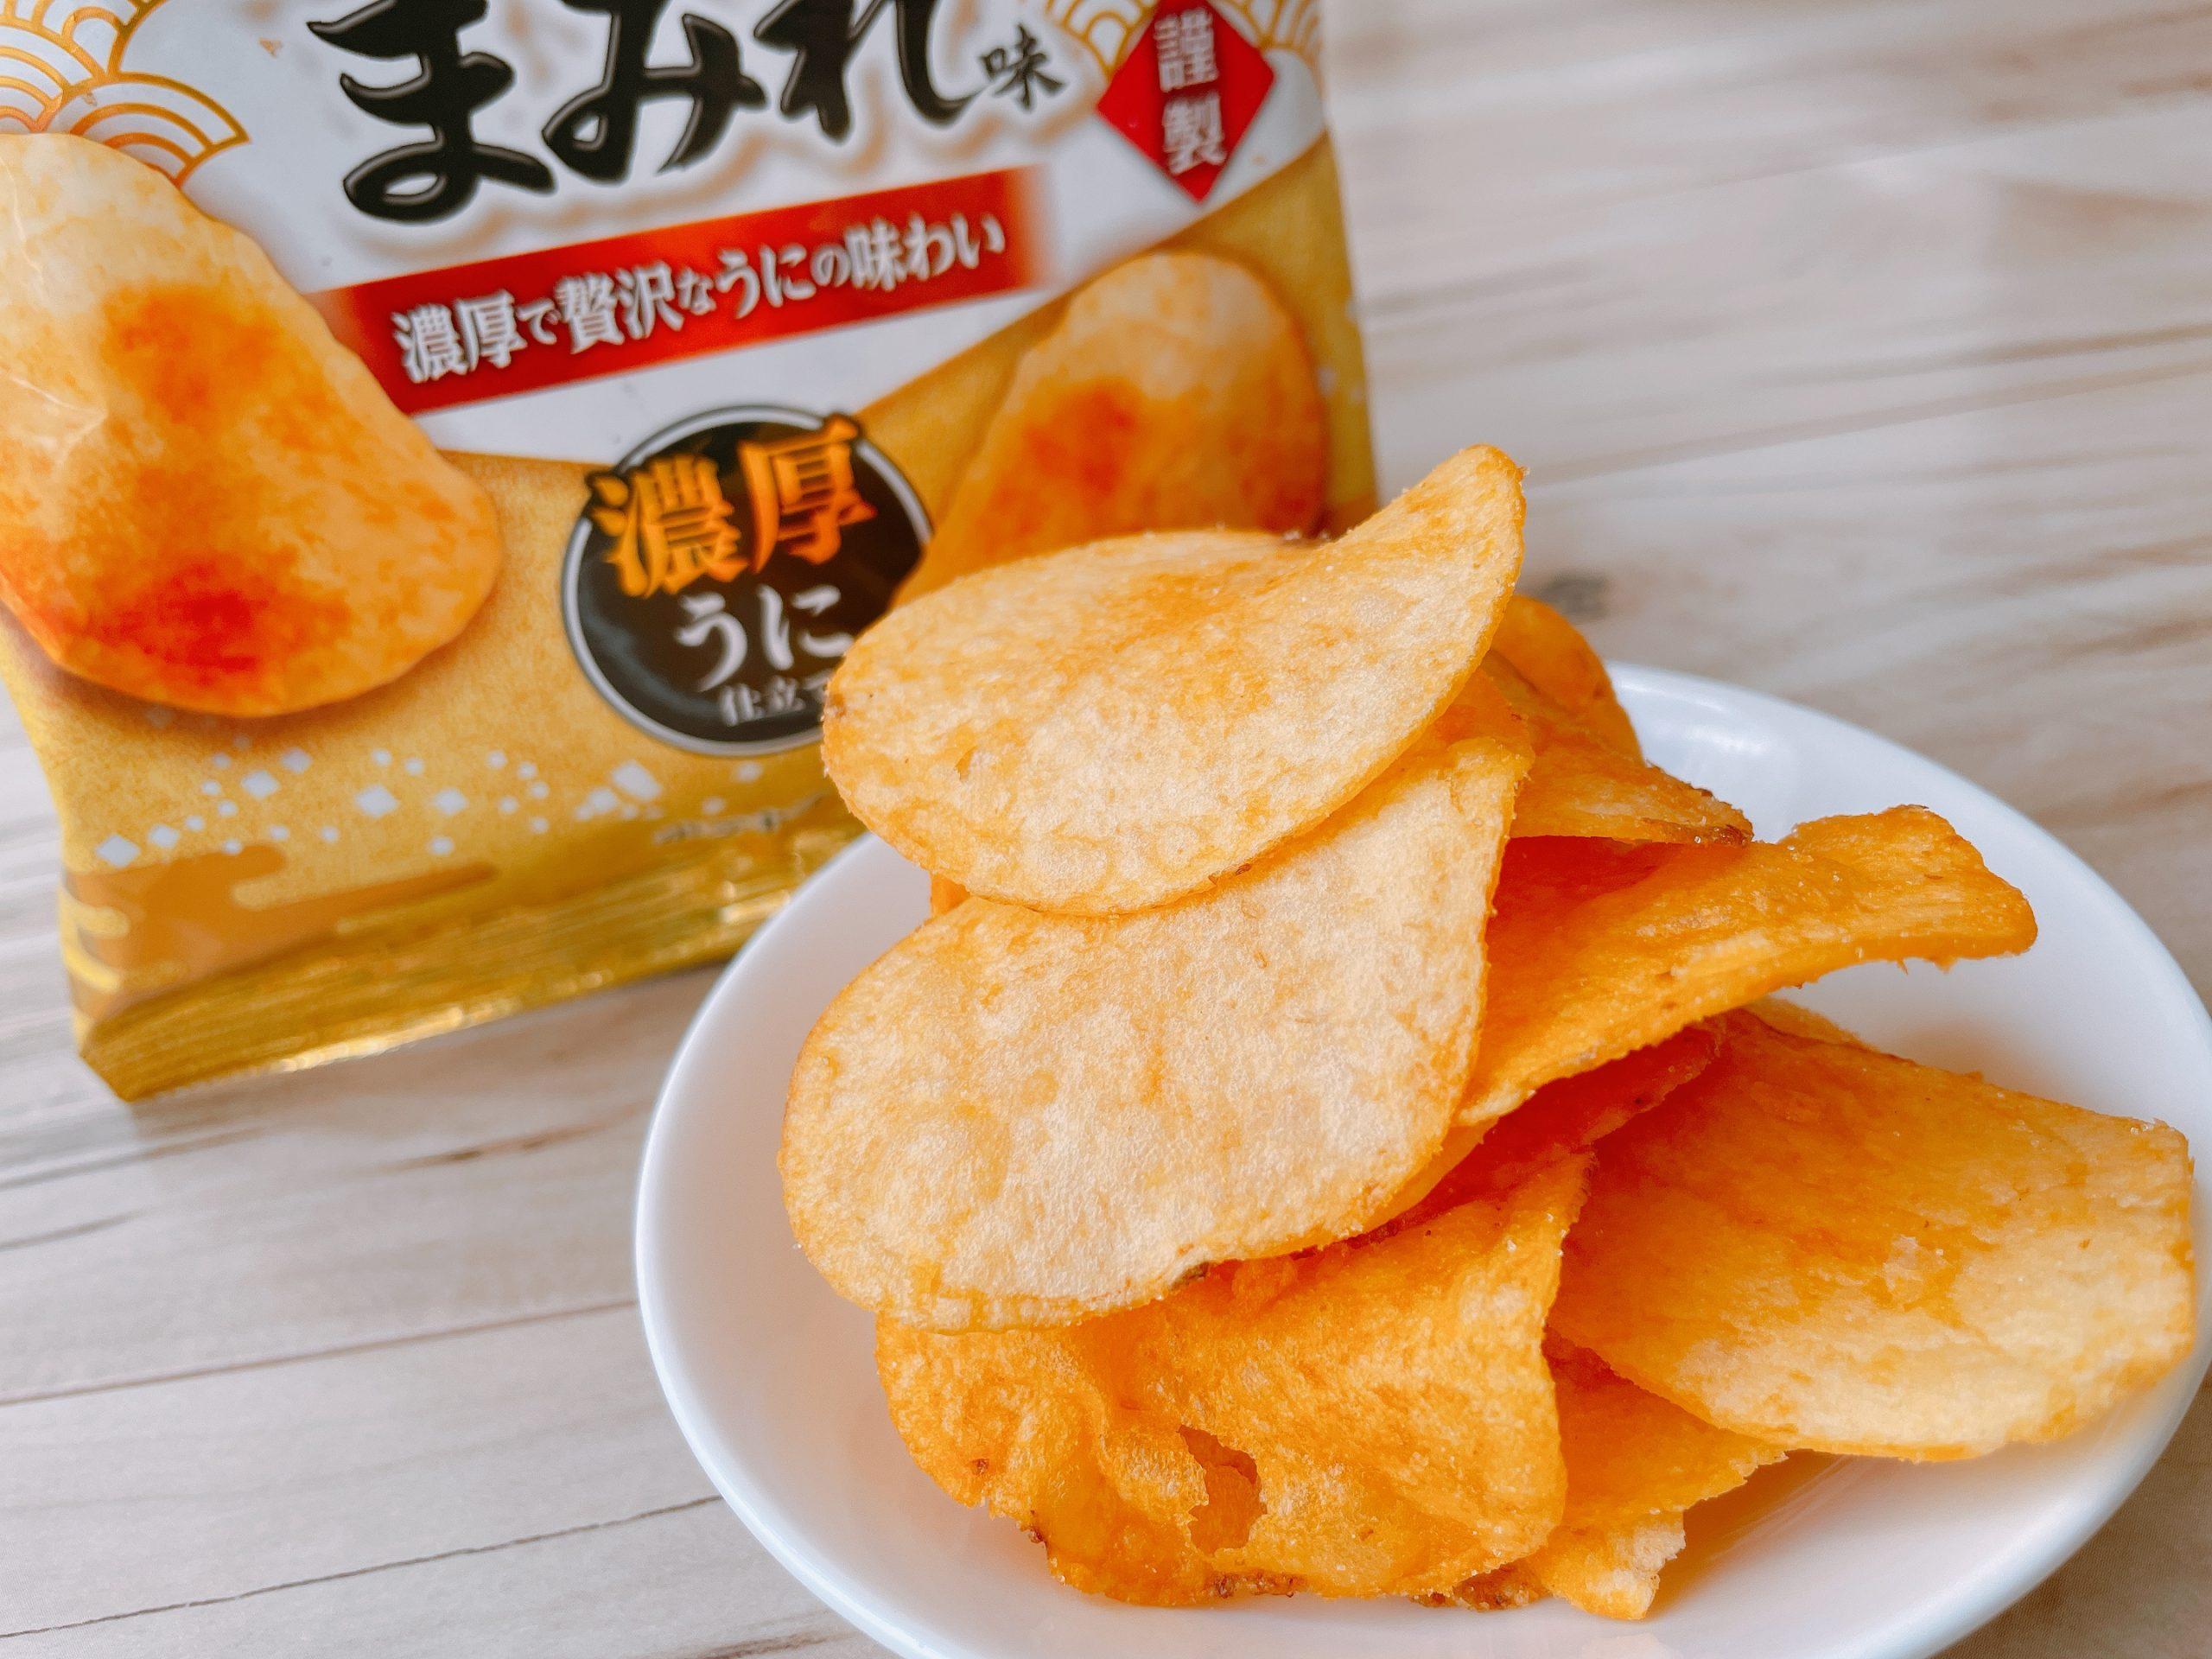 ポテトチップス<うにまみれ味>